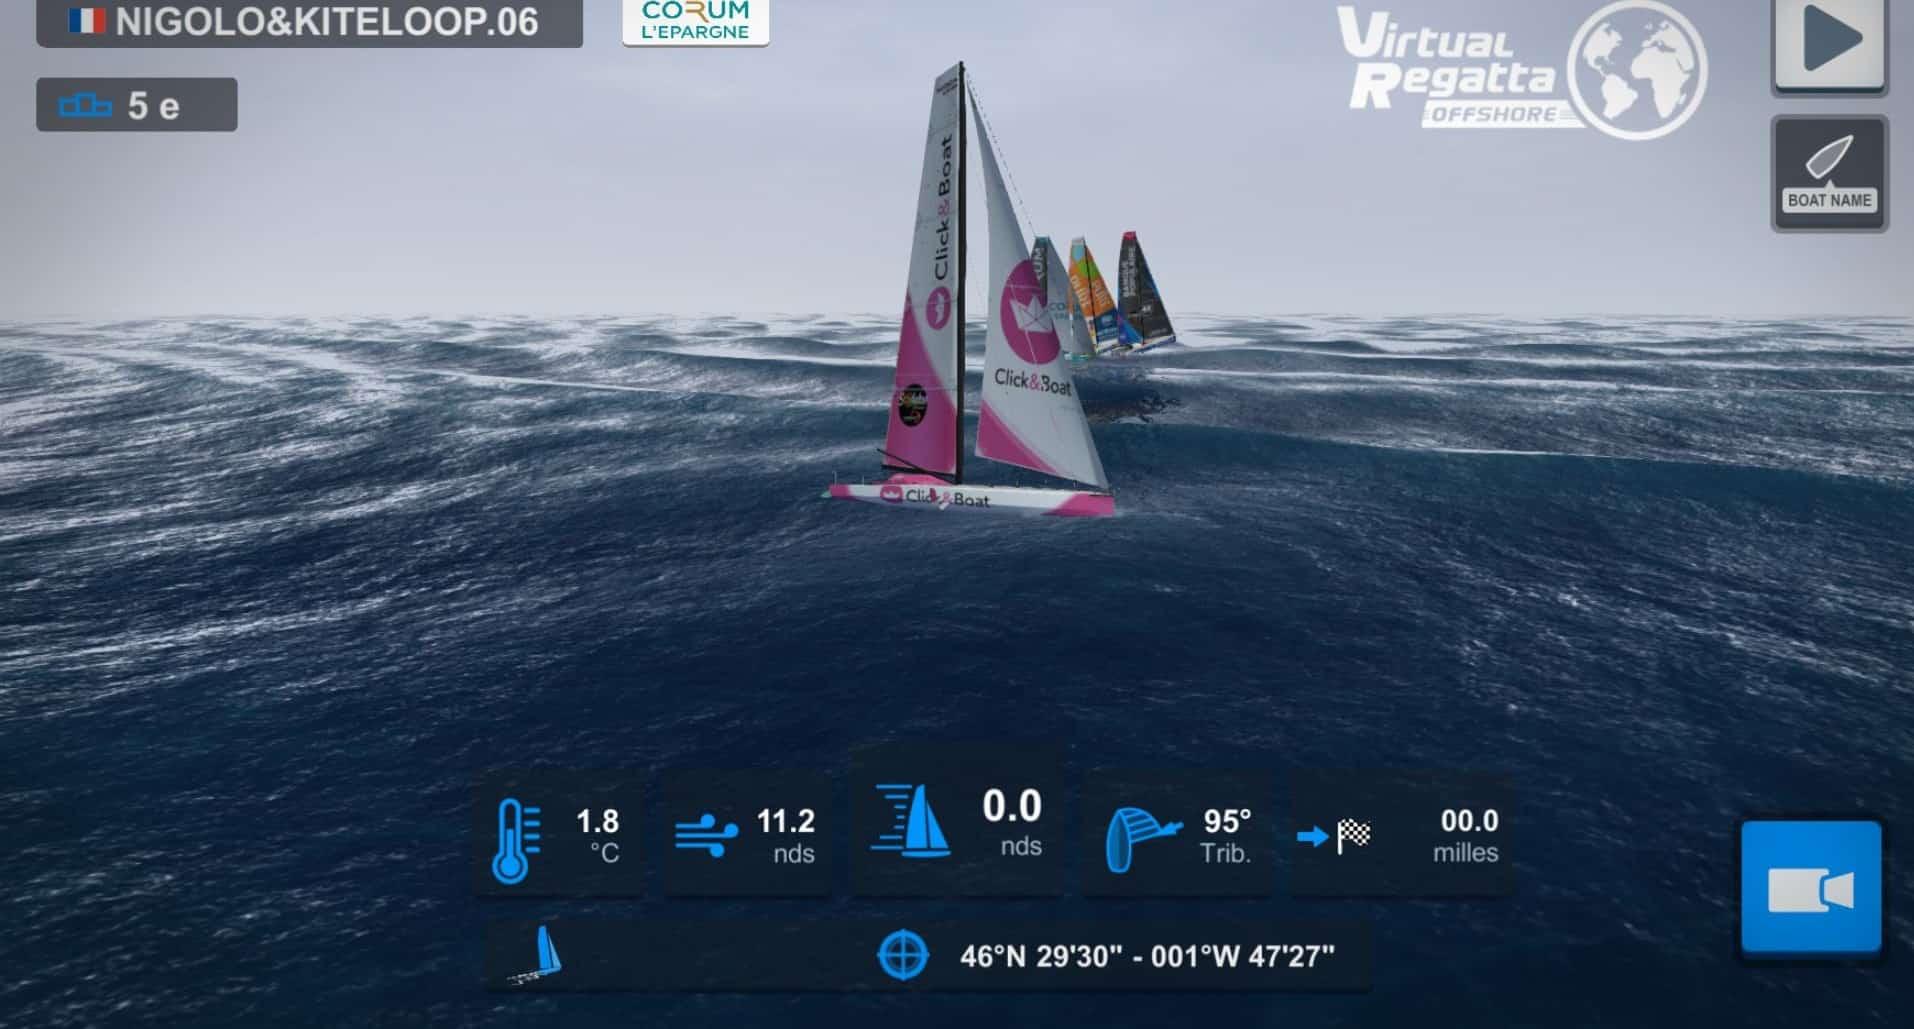 Gagnant du challenge Click&Boat au sein du Vendée Globe virtuel